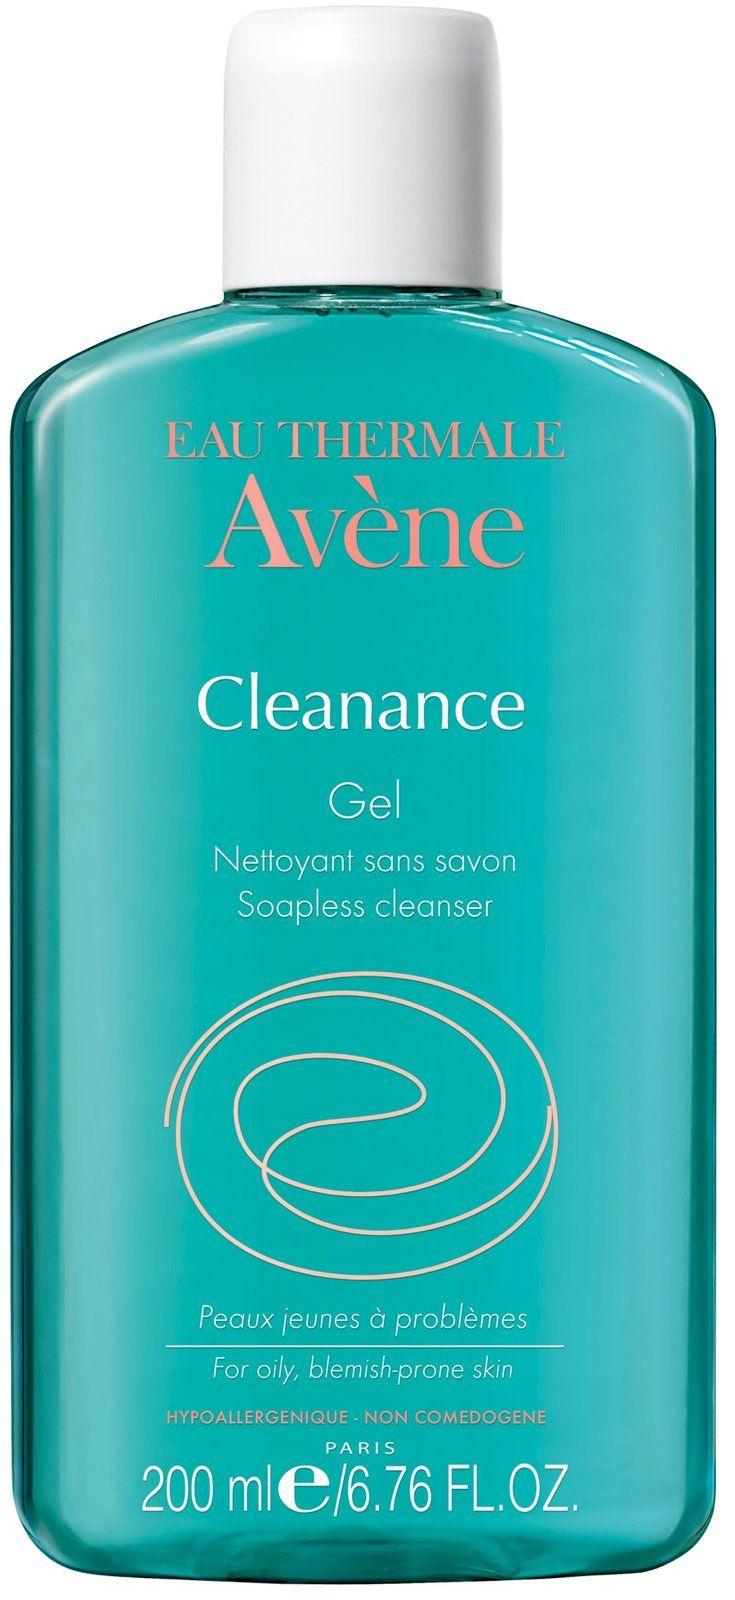 Avene Cleanance Gel Soapless Cleanser - Free Shipping